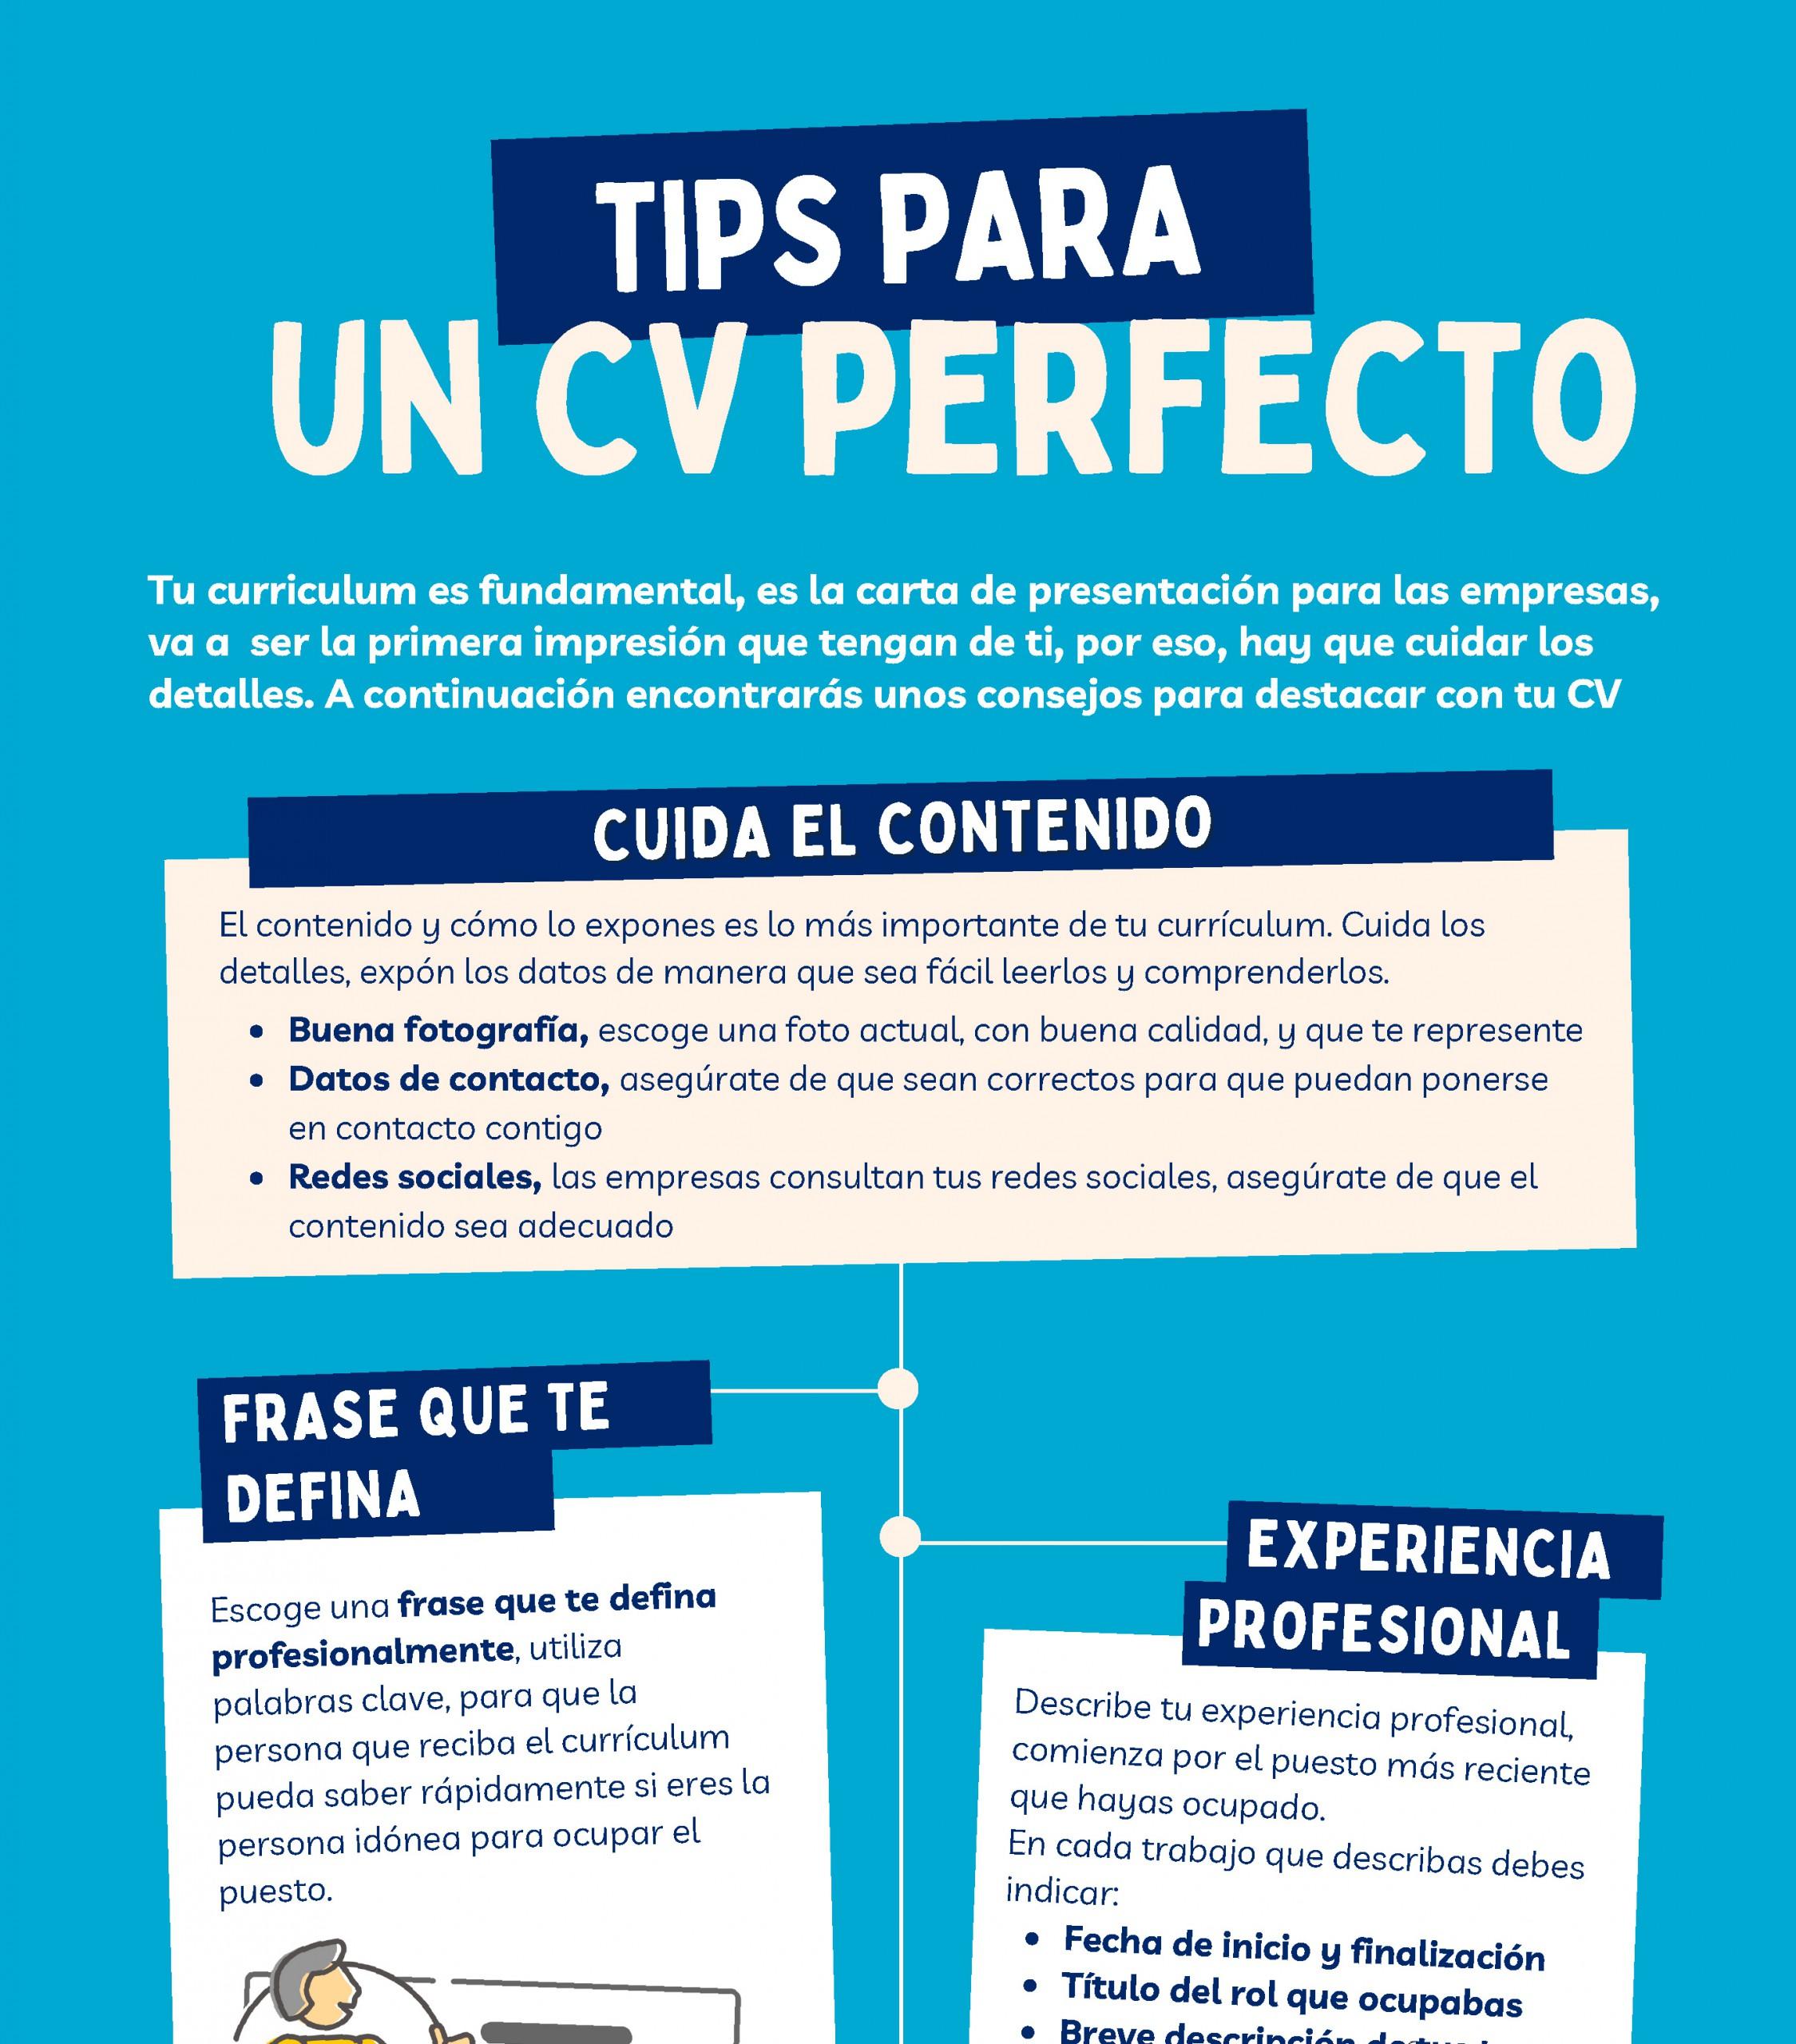 Tips para un CV Perfecto